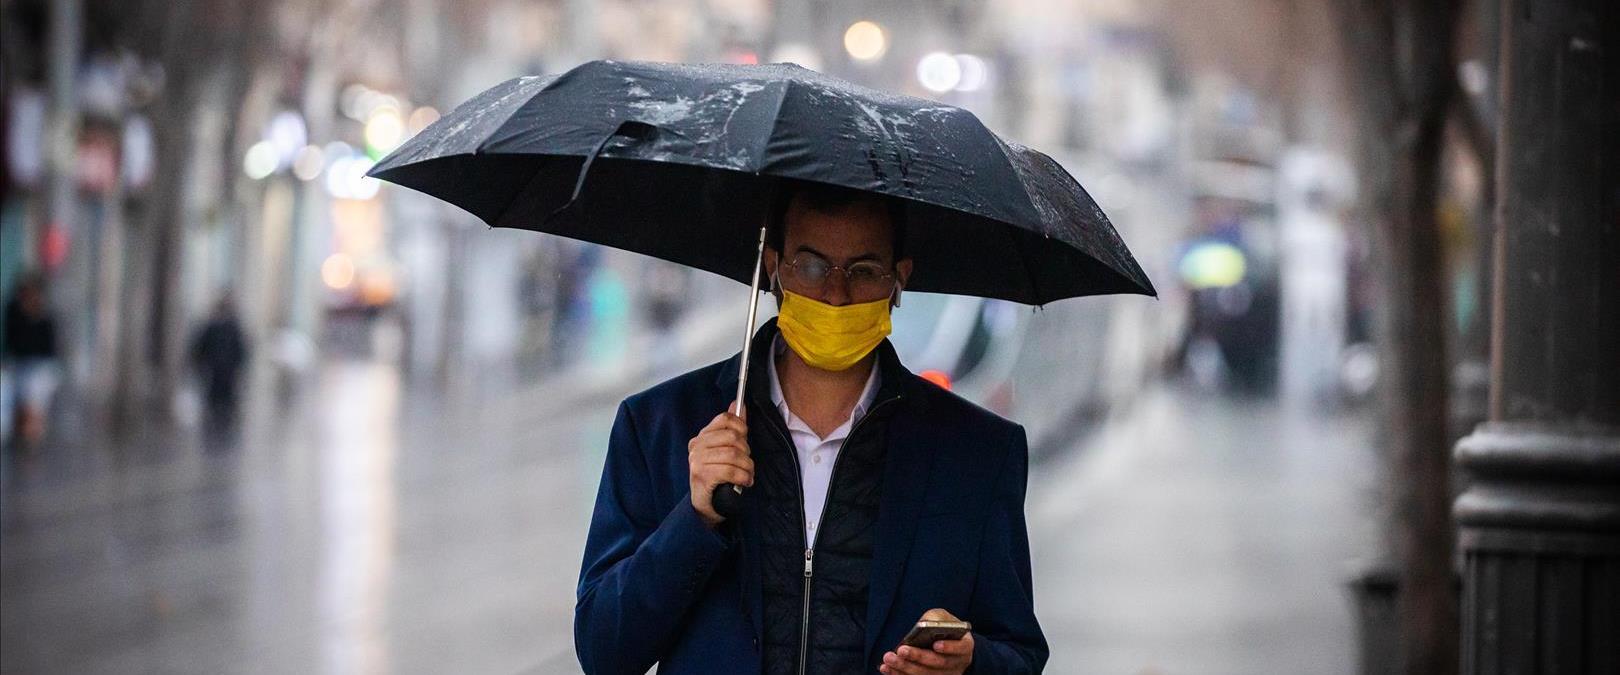 איש צועד בגשם עם מטריה